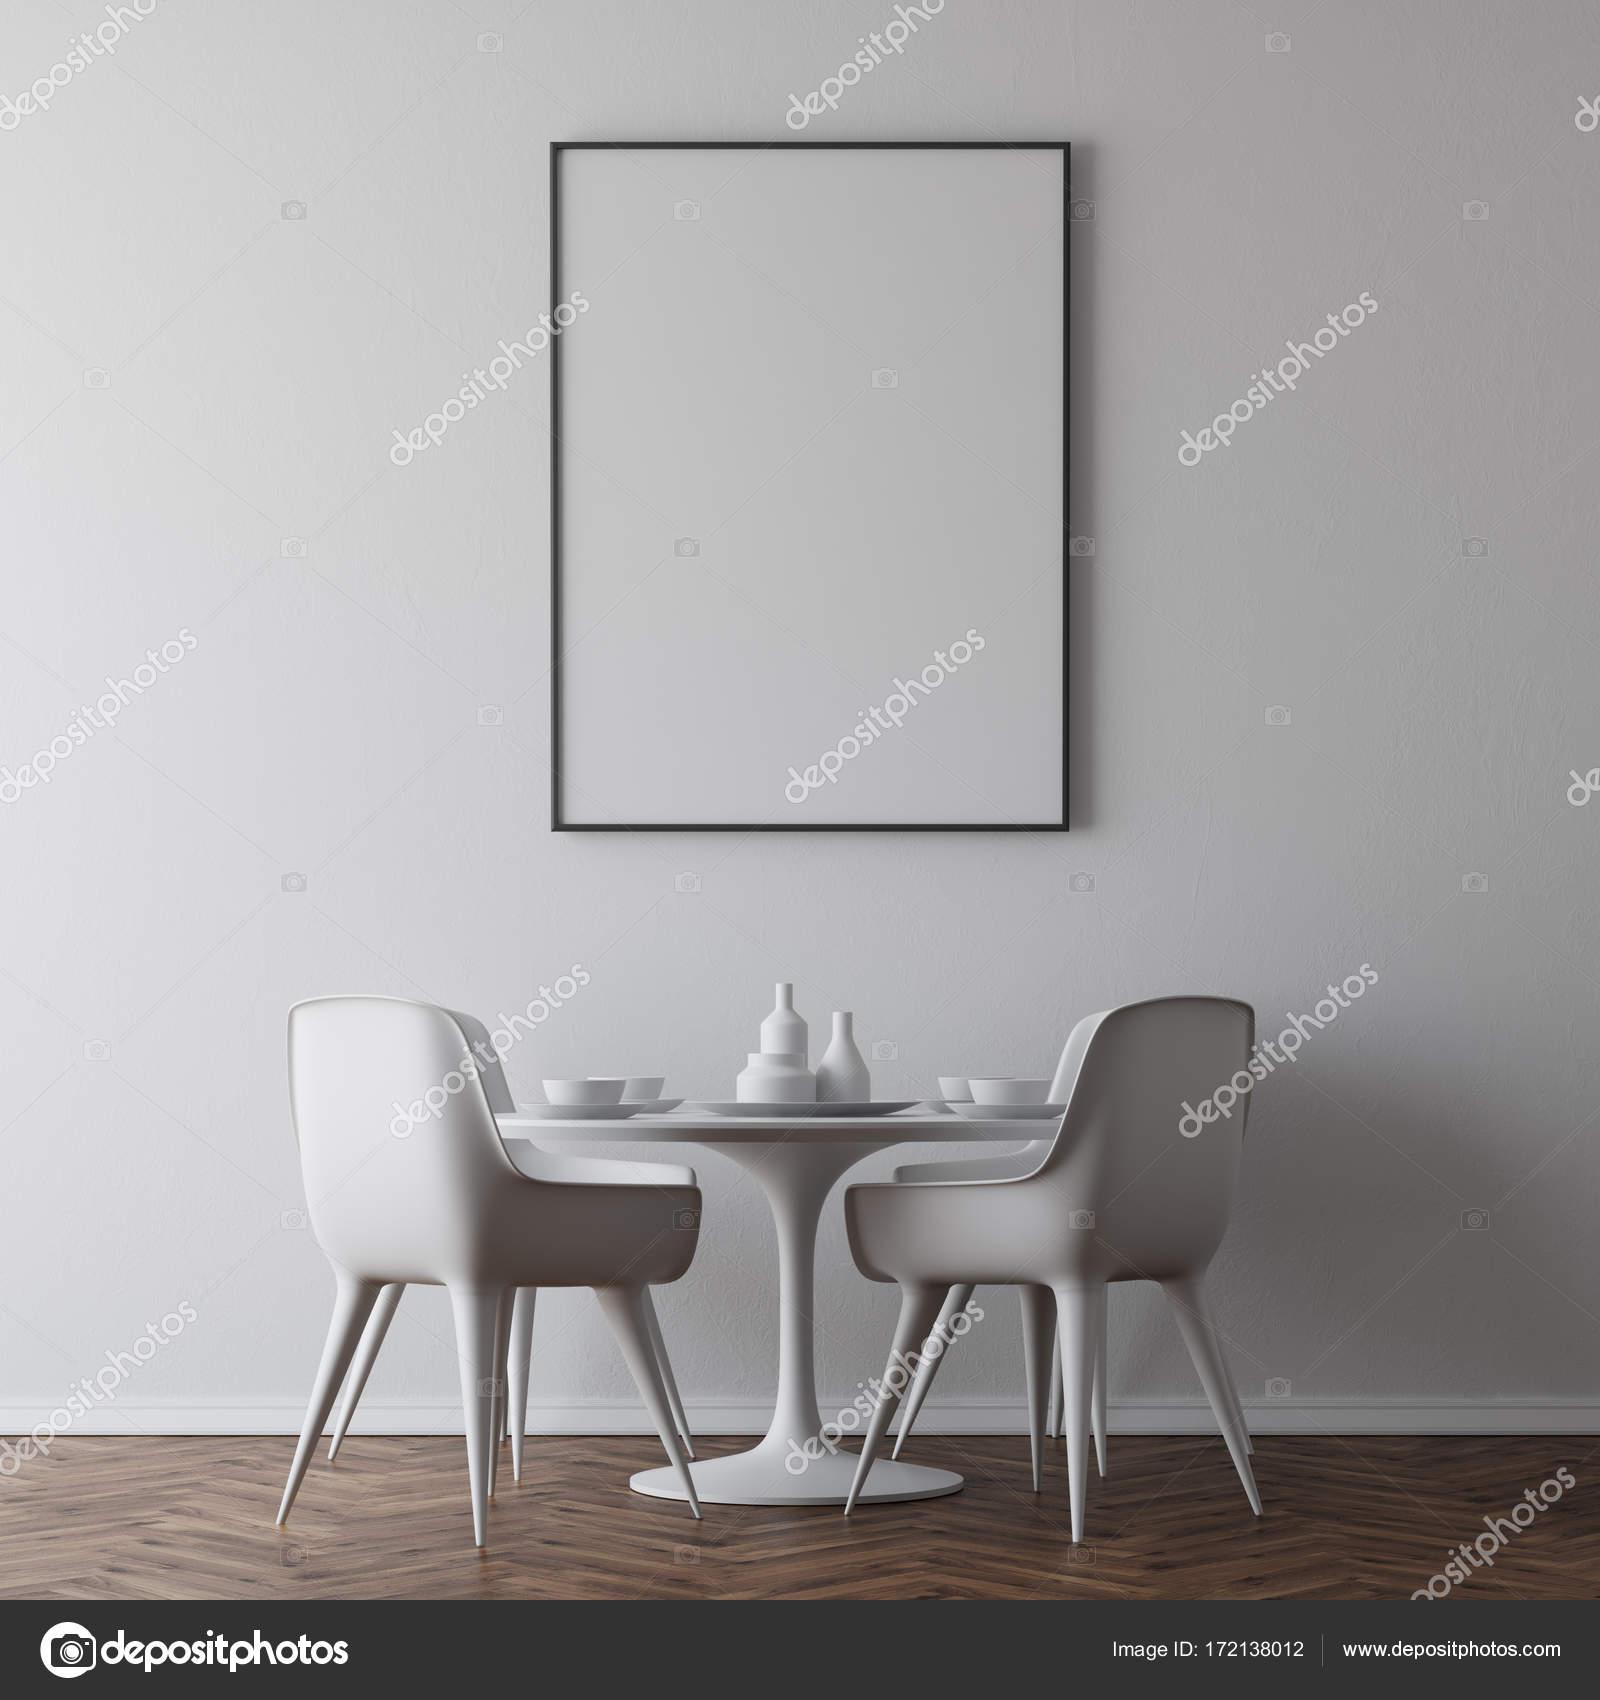 Table de salle à manger blanc, affiche — Photographie denisismagilov ...